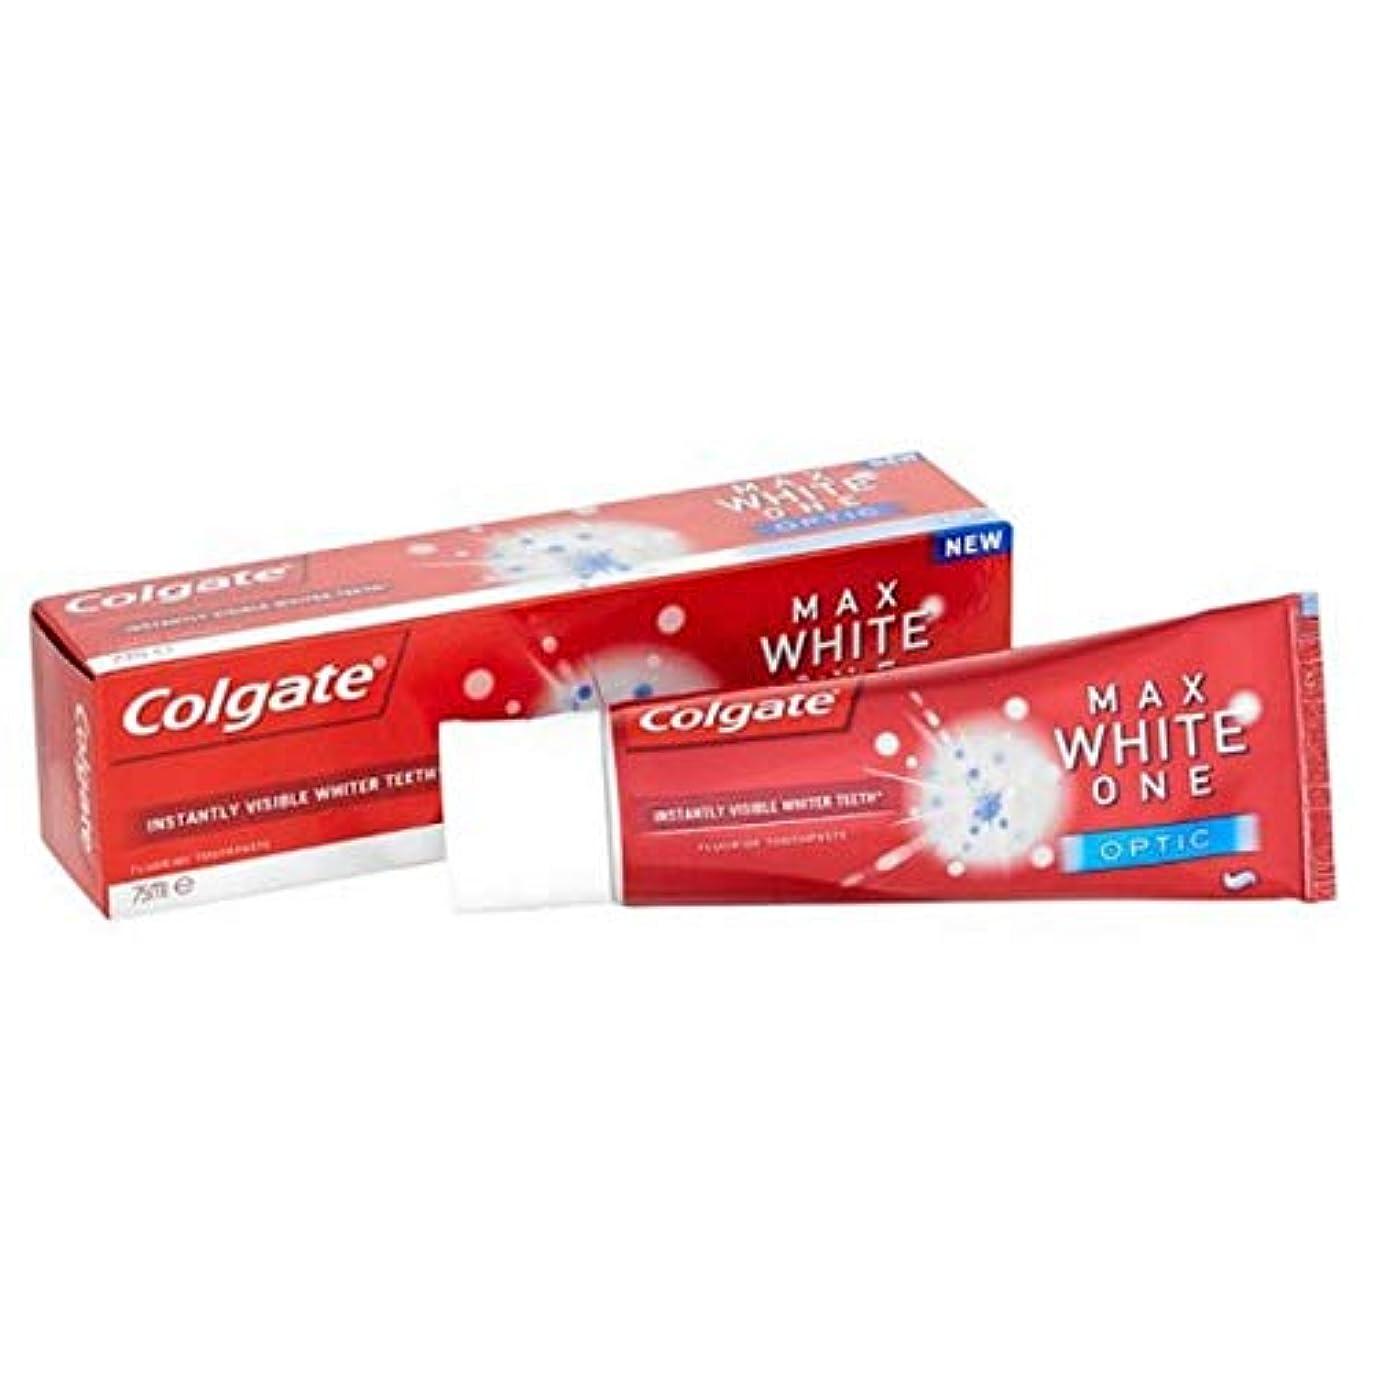 十一解体するあざ[Colgate ] コルゲート最大白1つの光学歯磨き粉25ミリリットル - Colgate Max White One Optic Toothpaste 25ml [並行輸入品]